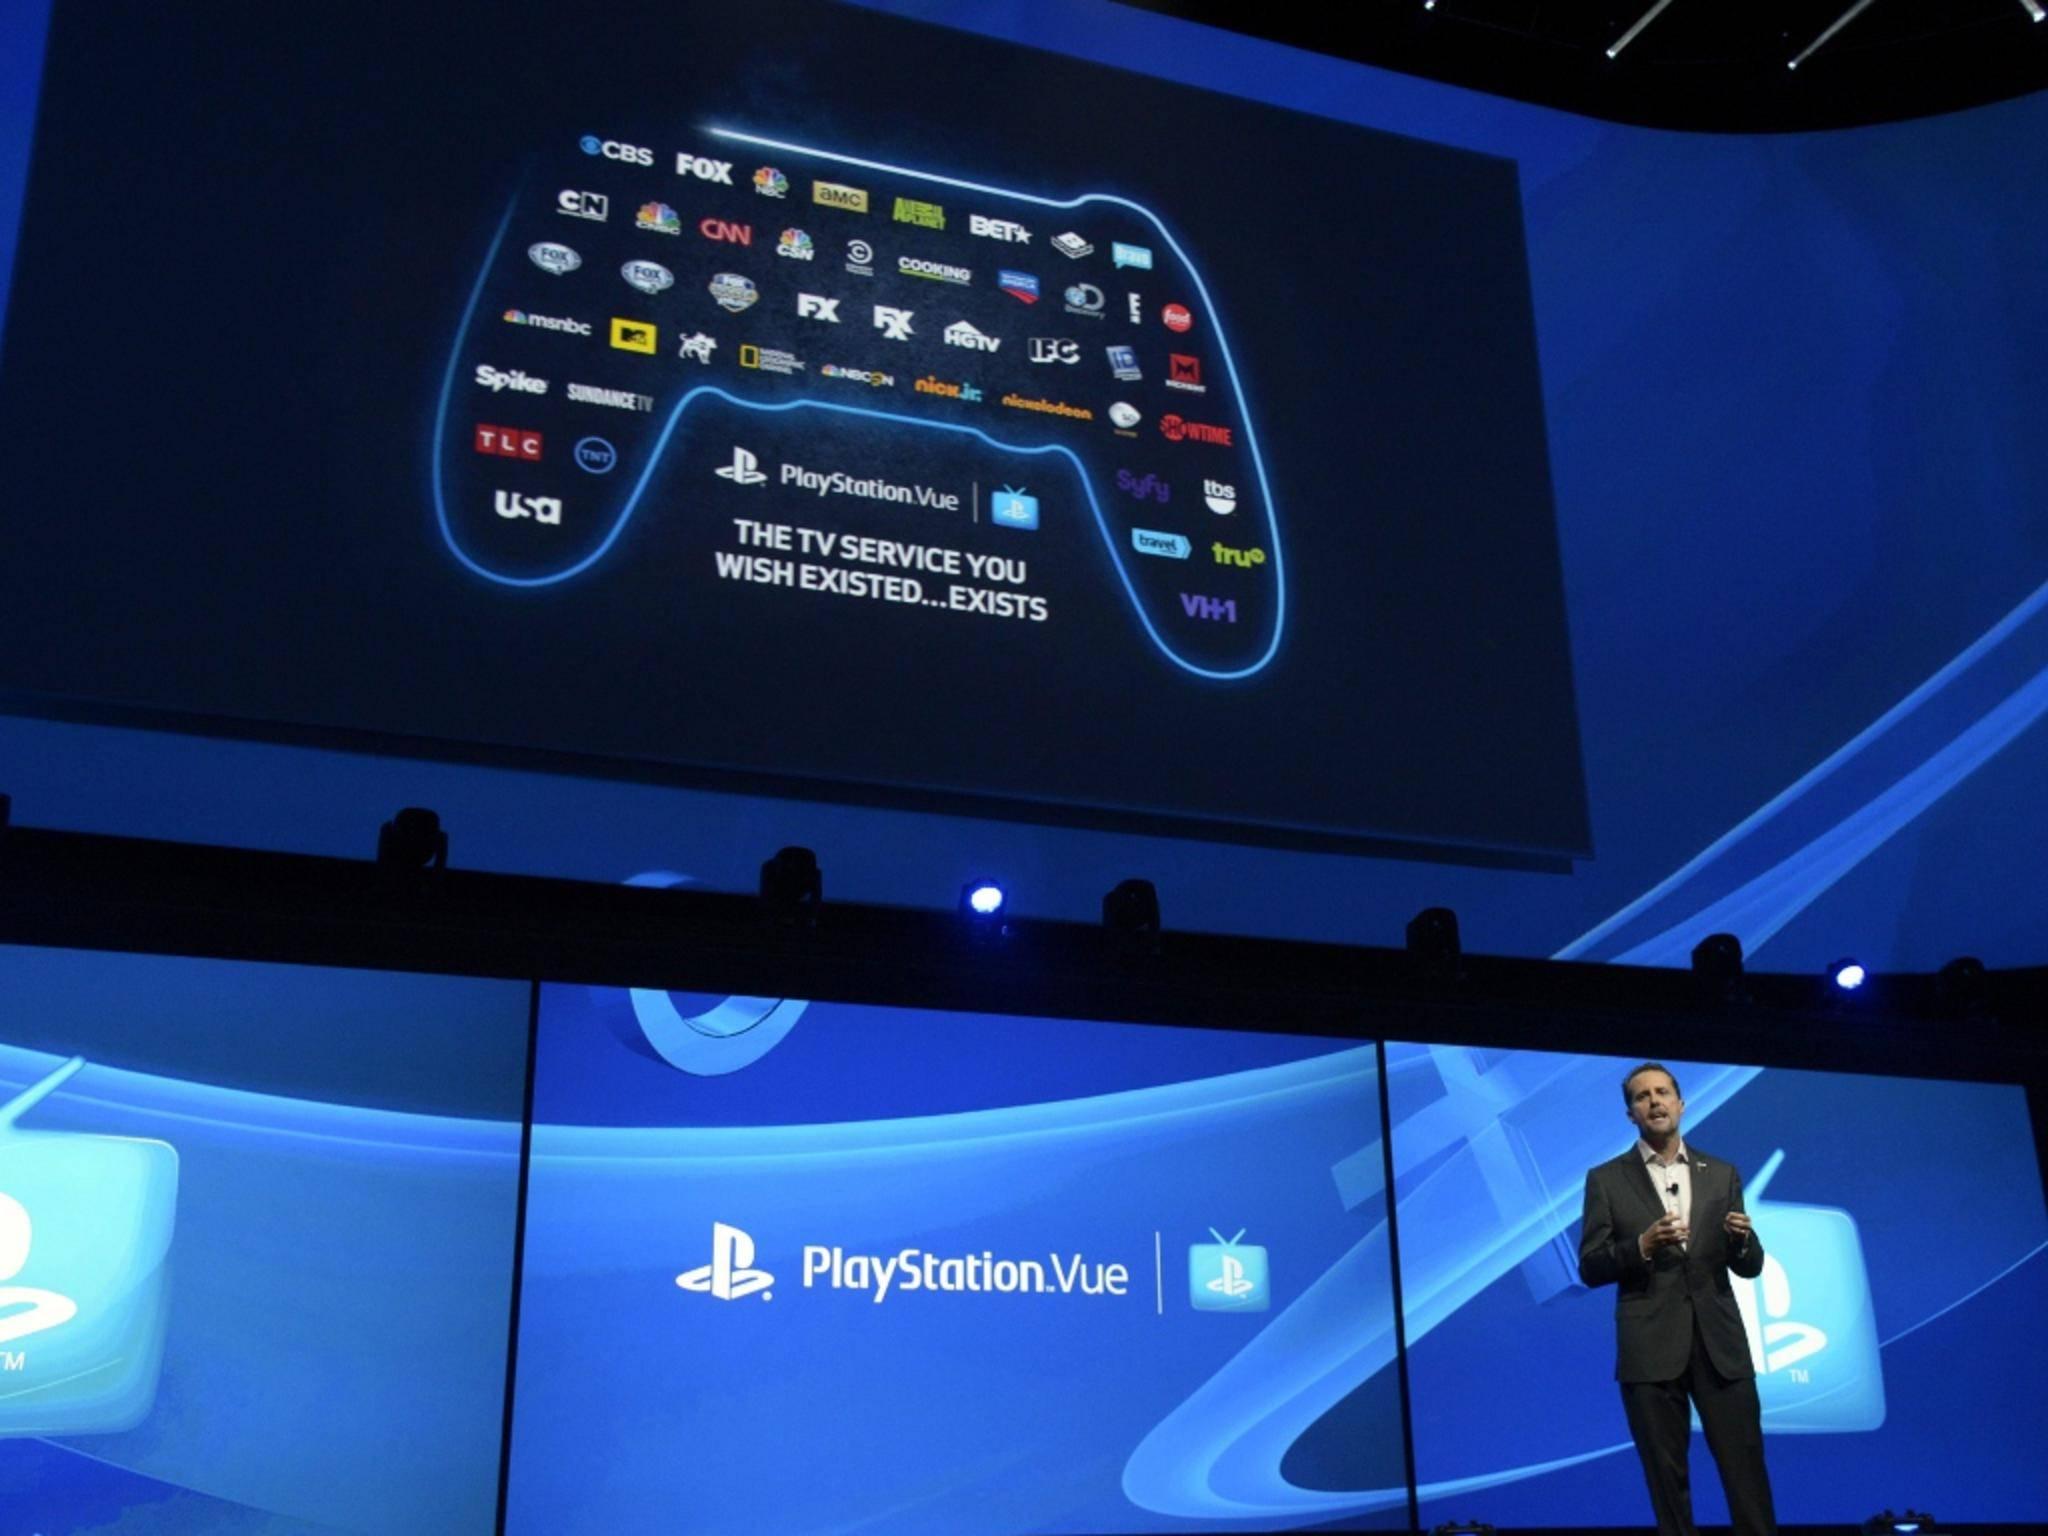 Die PS4 wird mit einem Update endlich zum vollwertigen Mediaplayer.